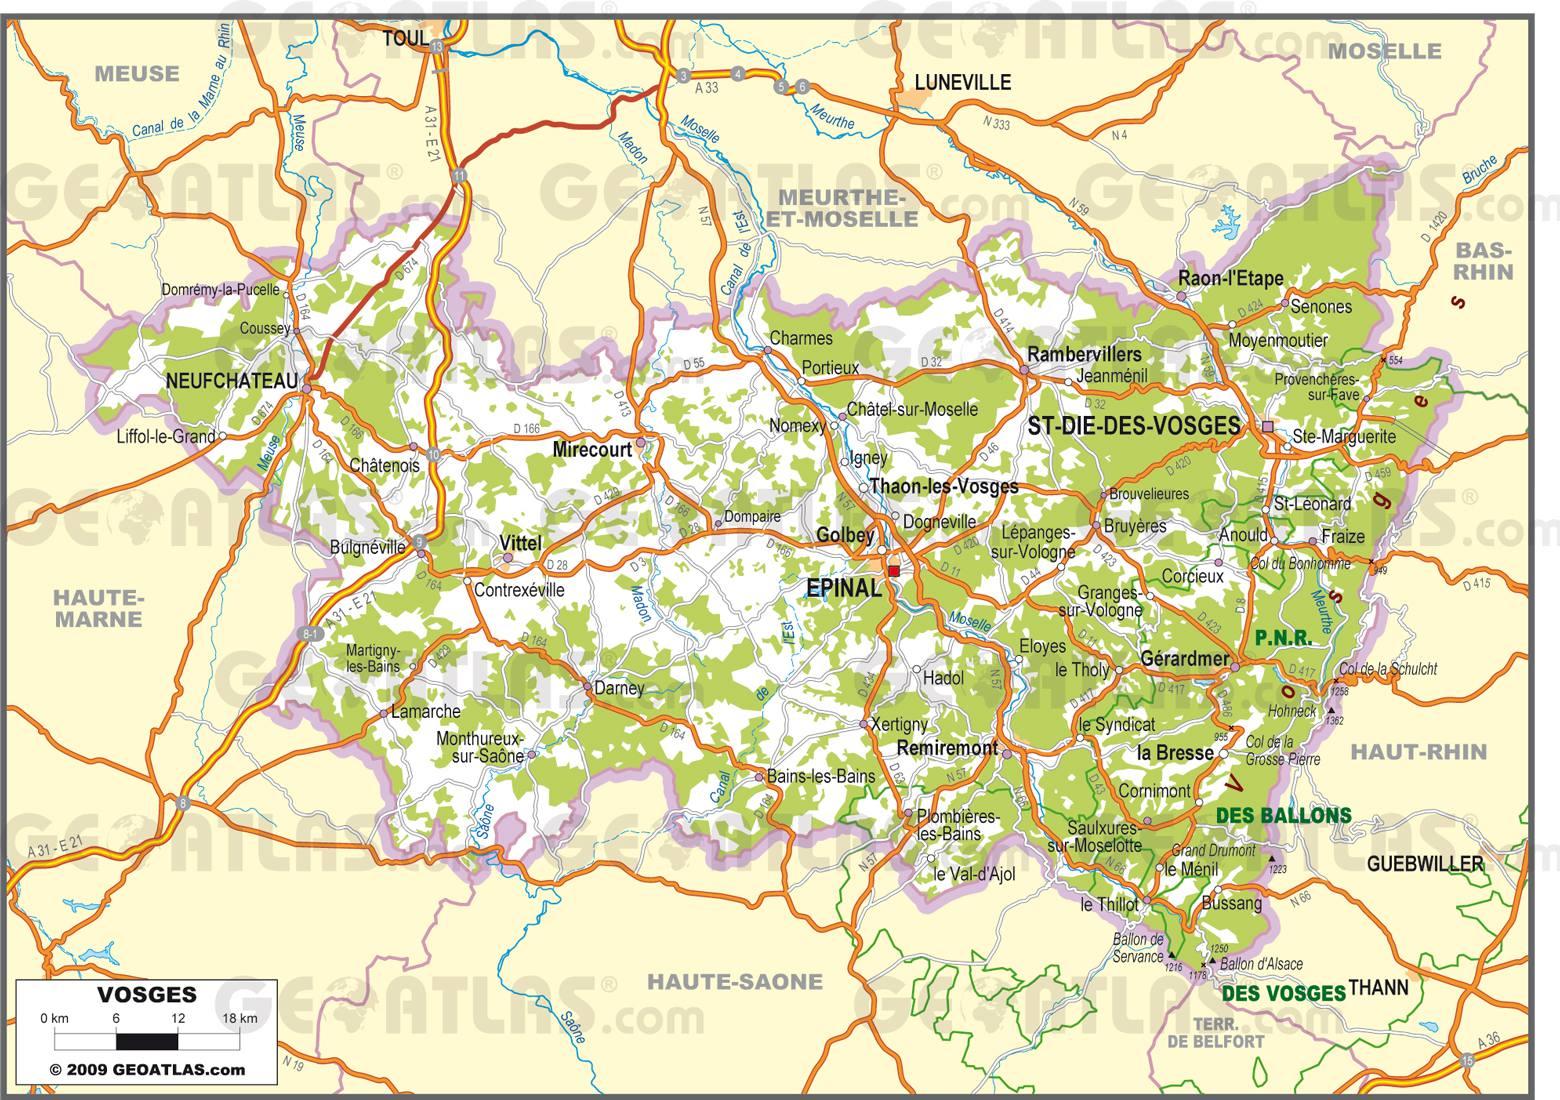 Carte routière des Vosges